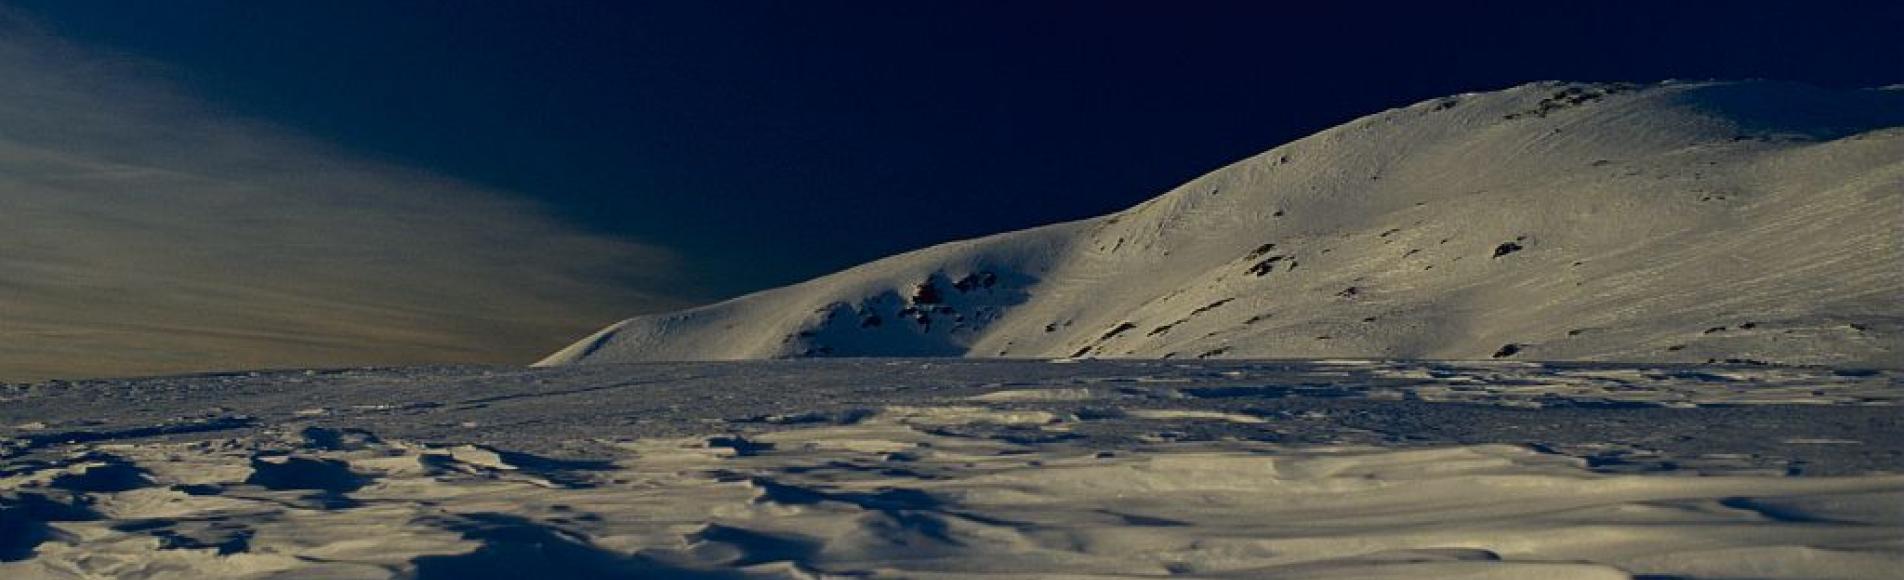 Plateau du Taillefer au coucher du soleil © Jean-Pierre Nicollet - Parc national des Ecrins